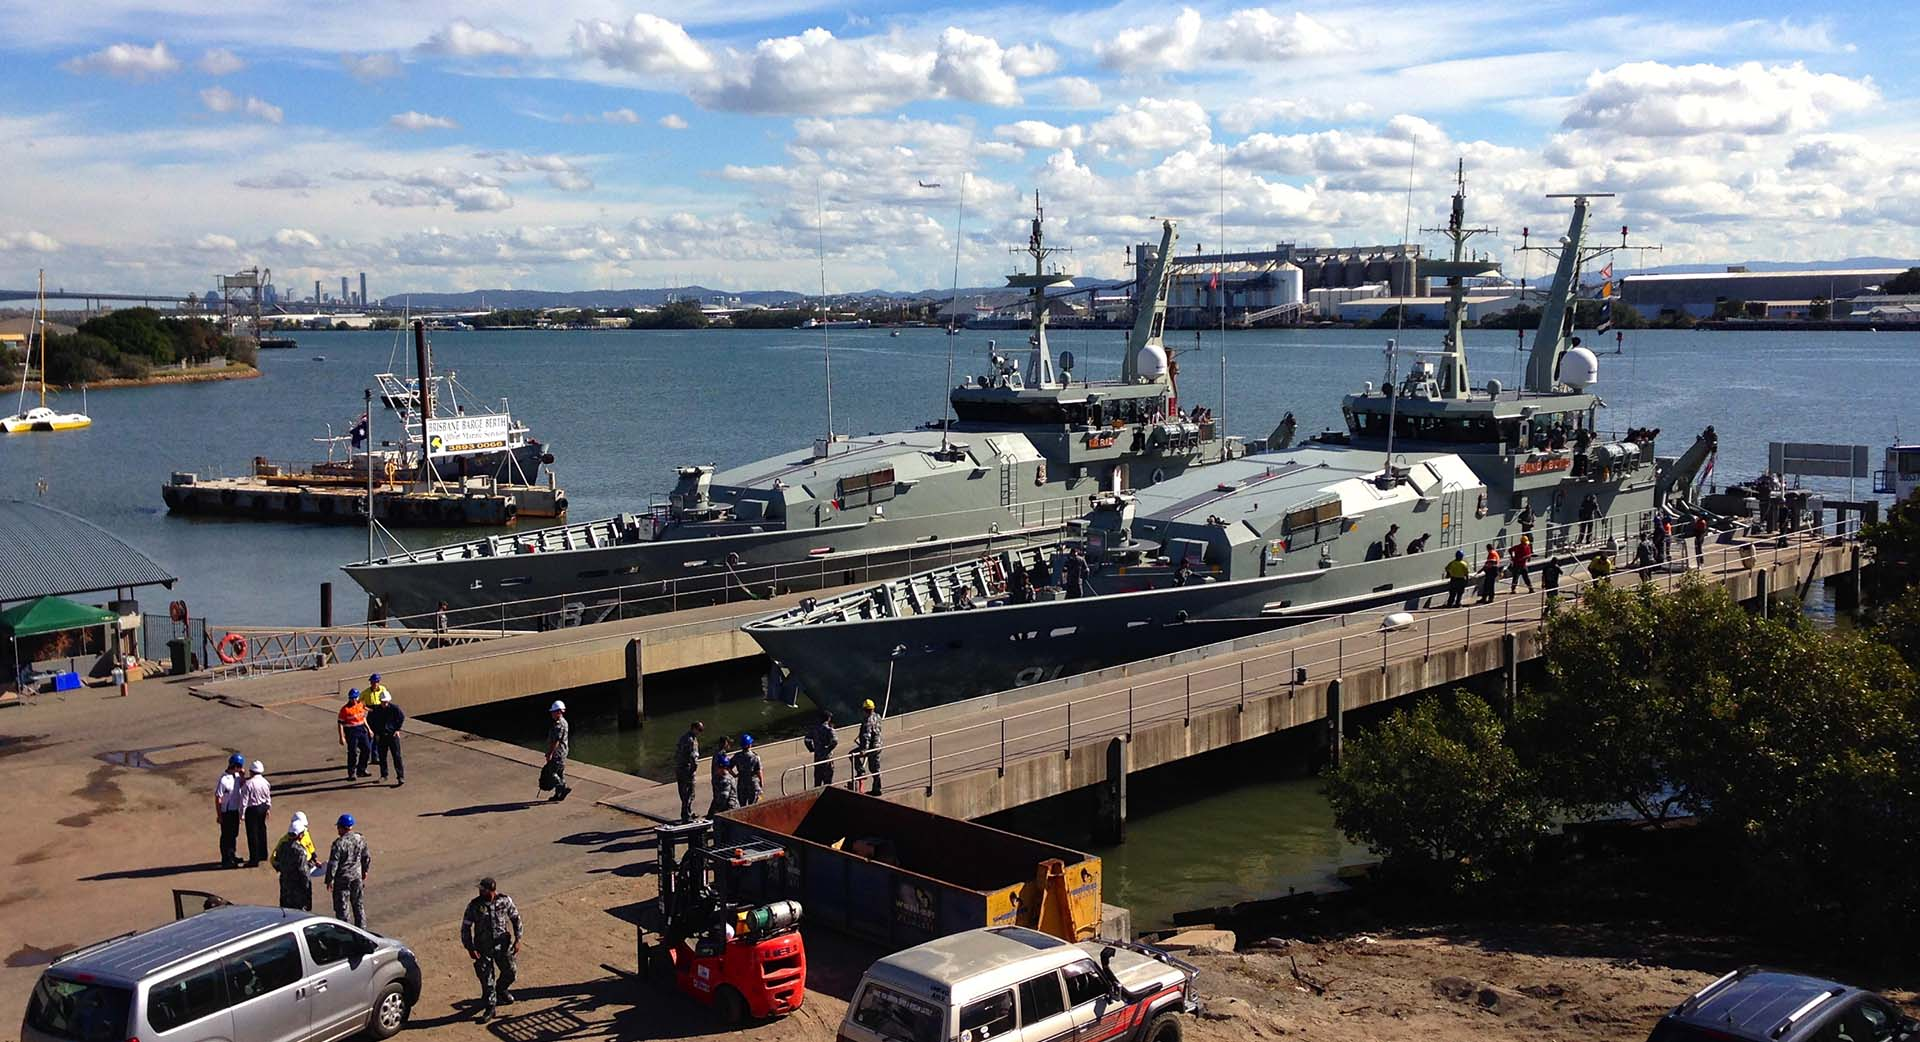 Marine services Queensland